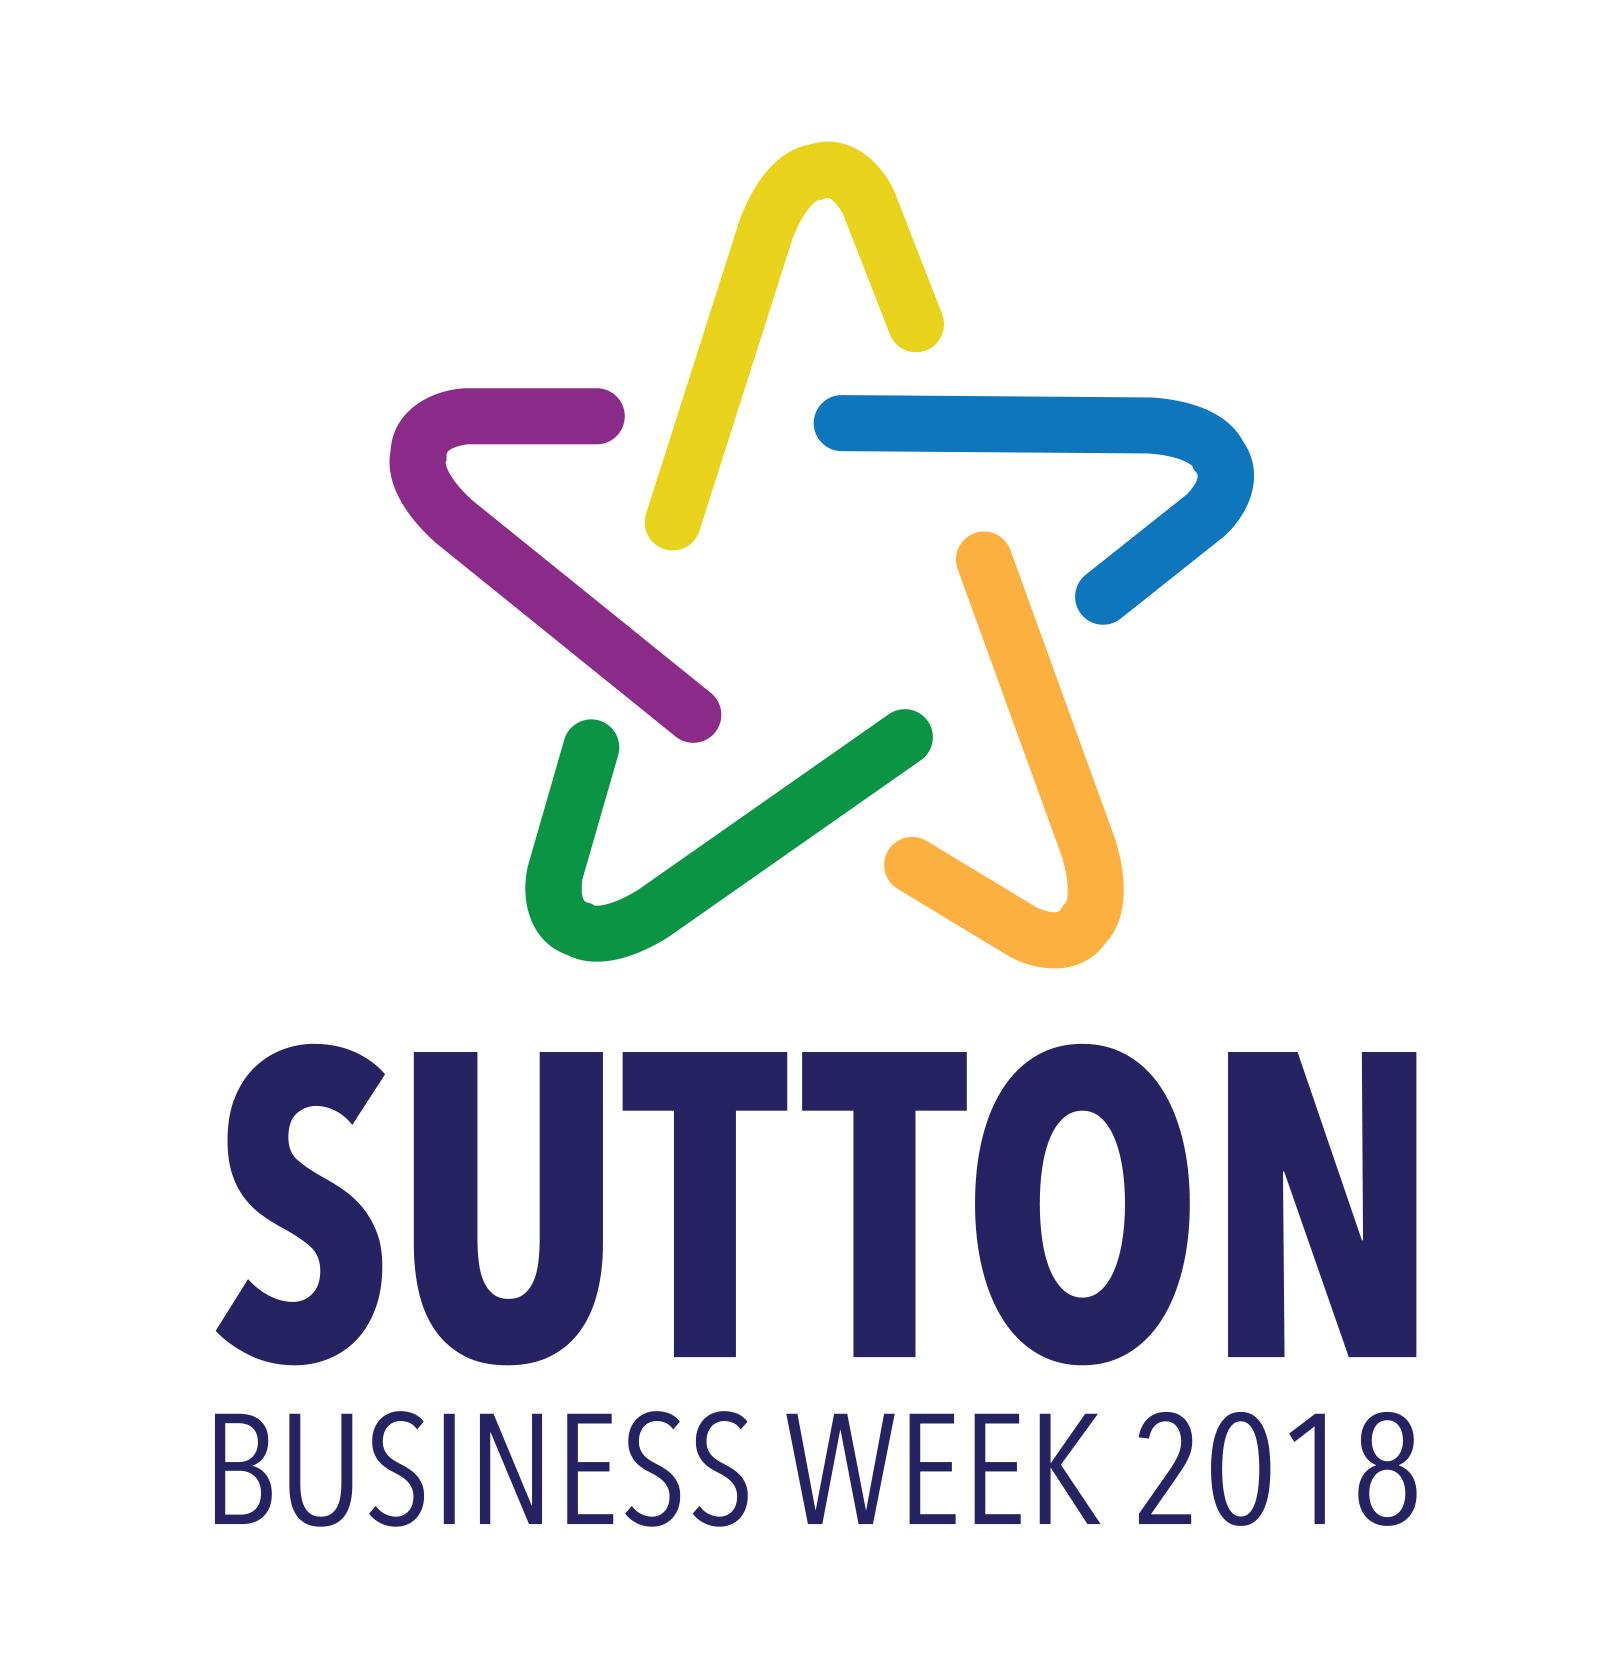 Sutton Business Week Master.jpg